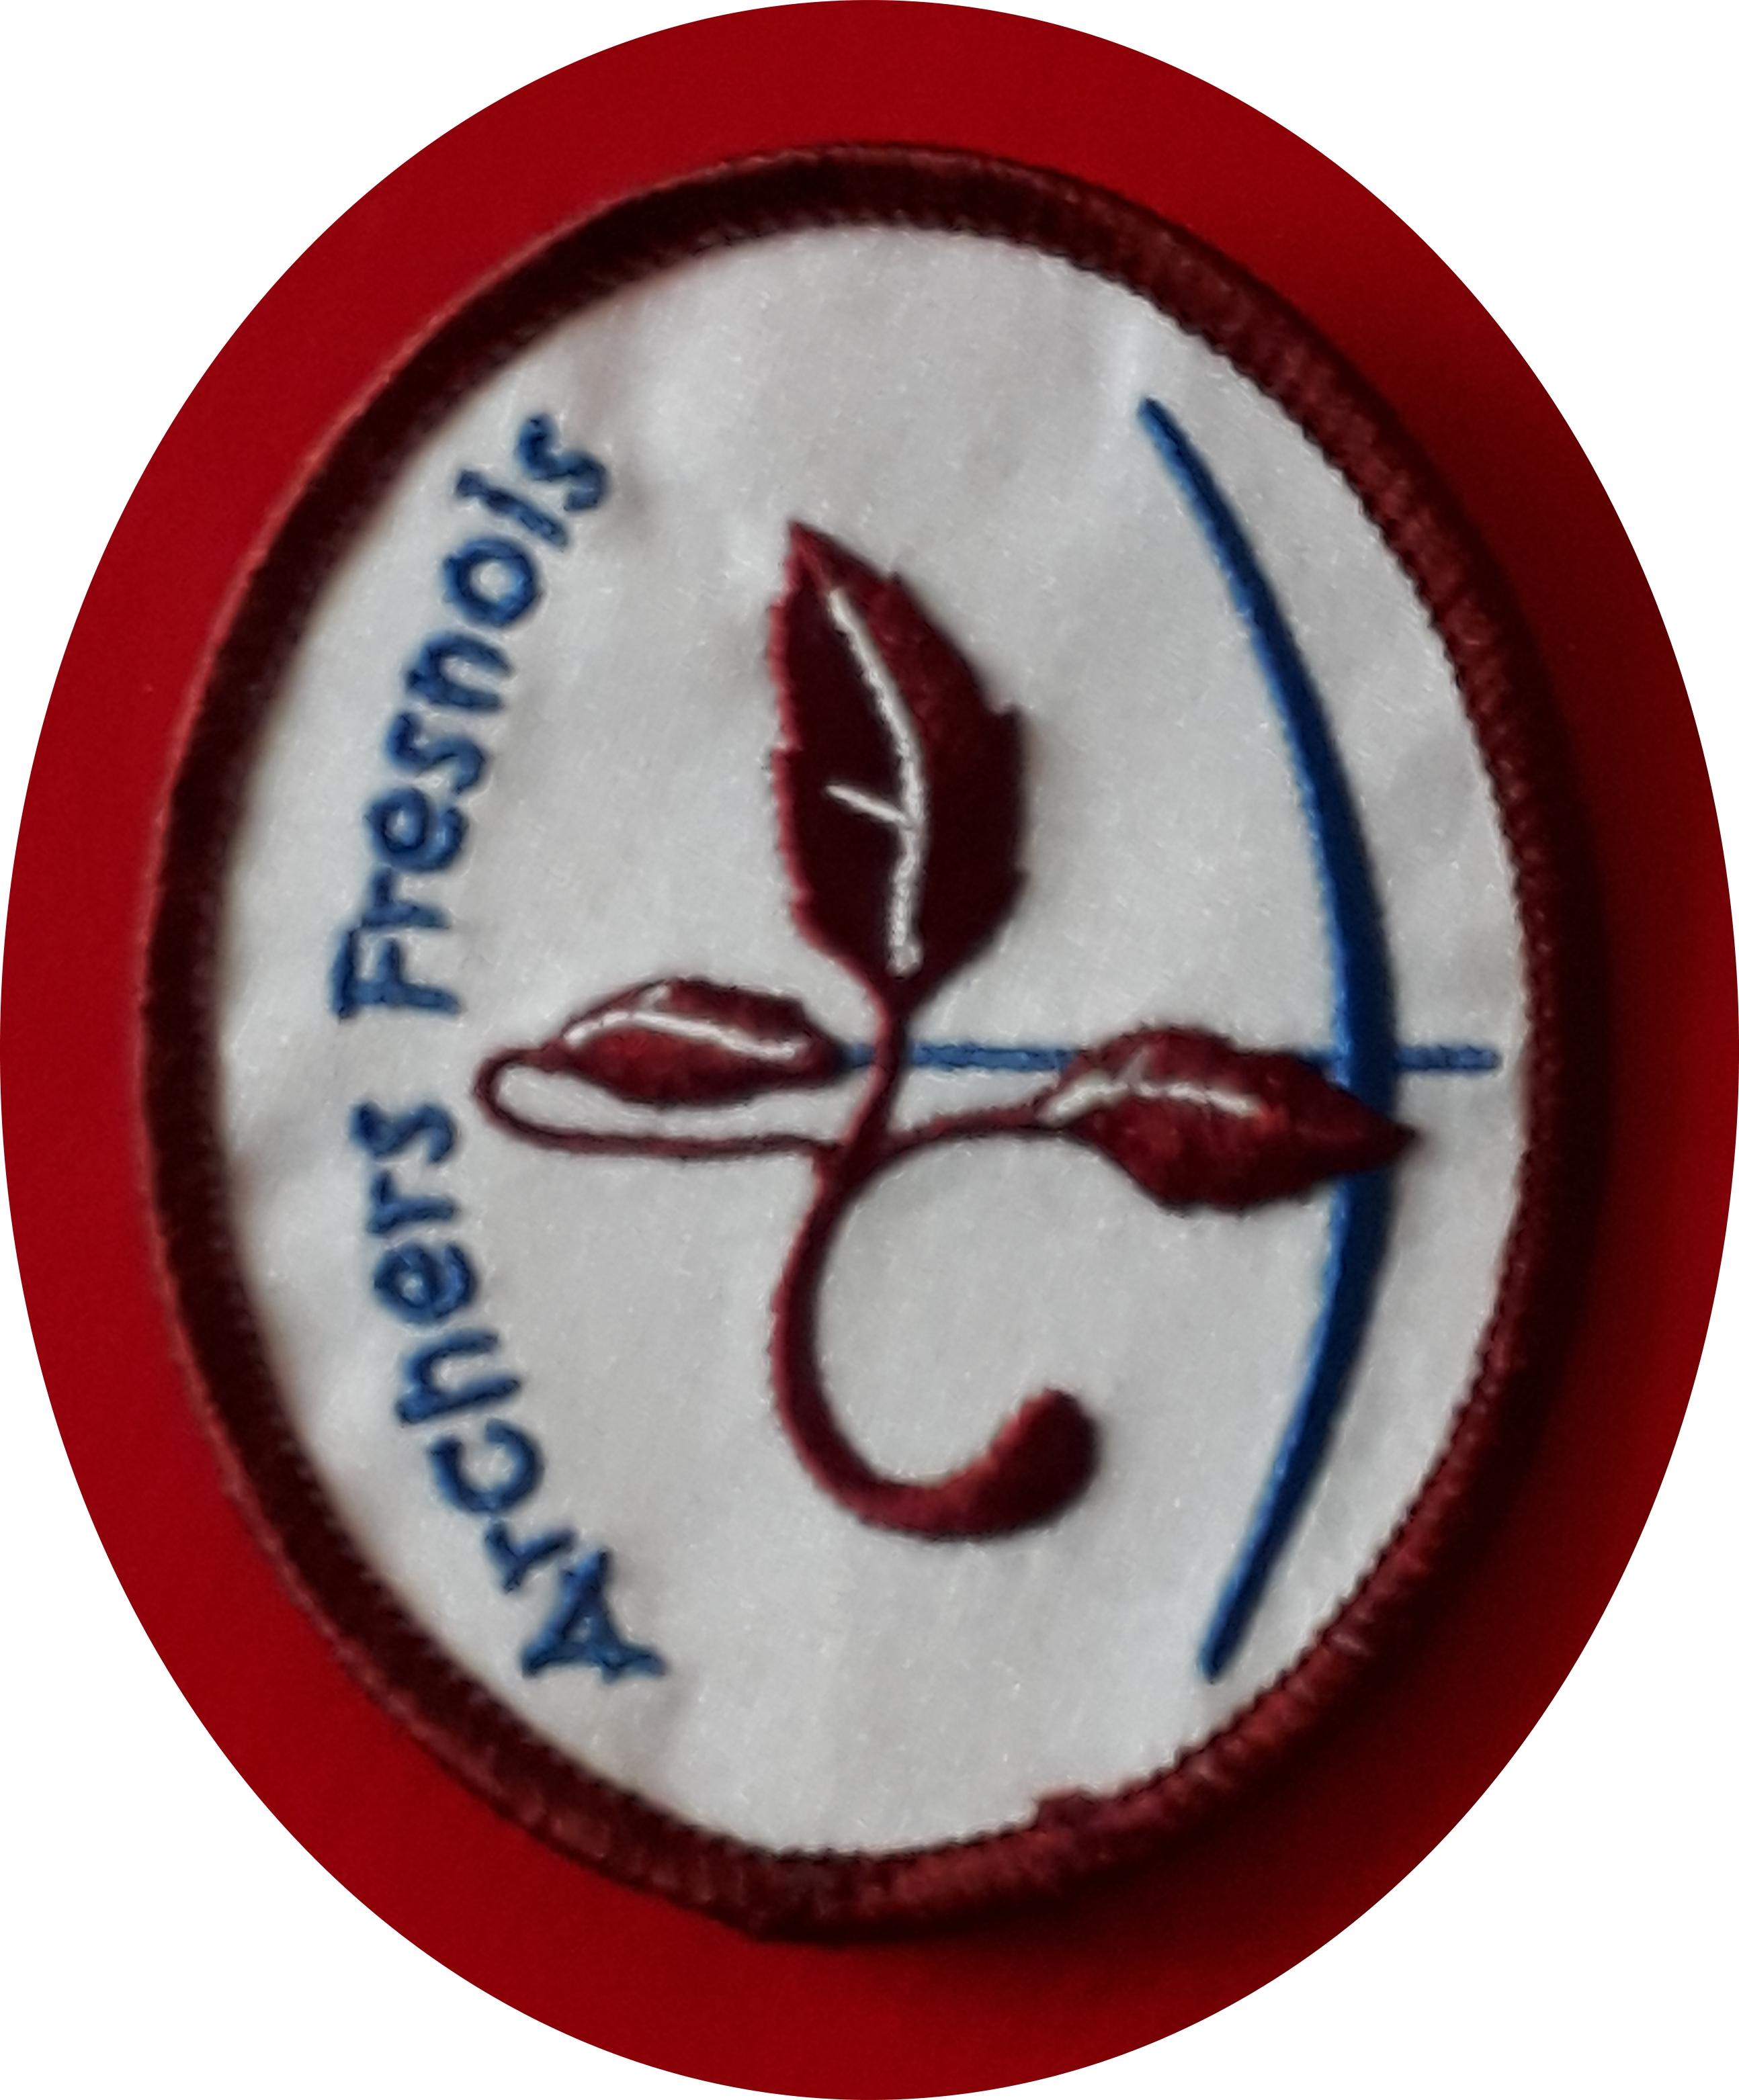 Ecusson Archers Fresnois.jpg